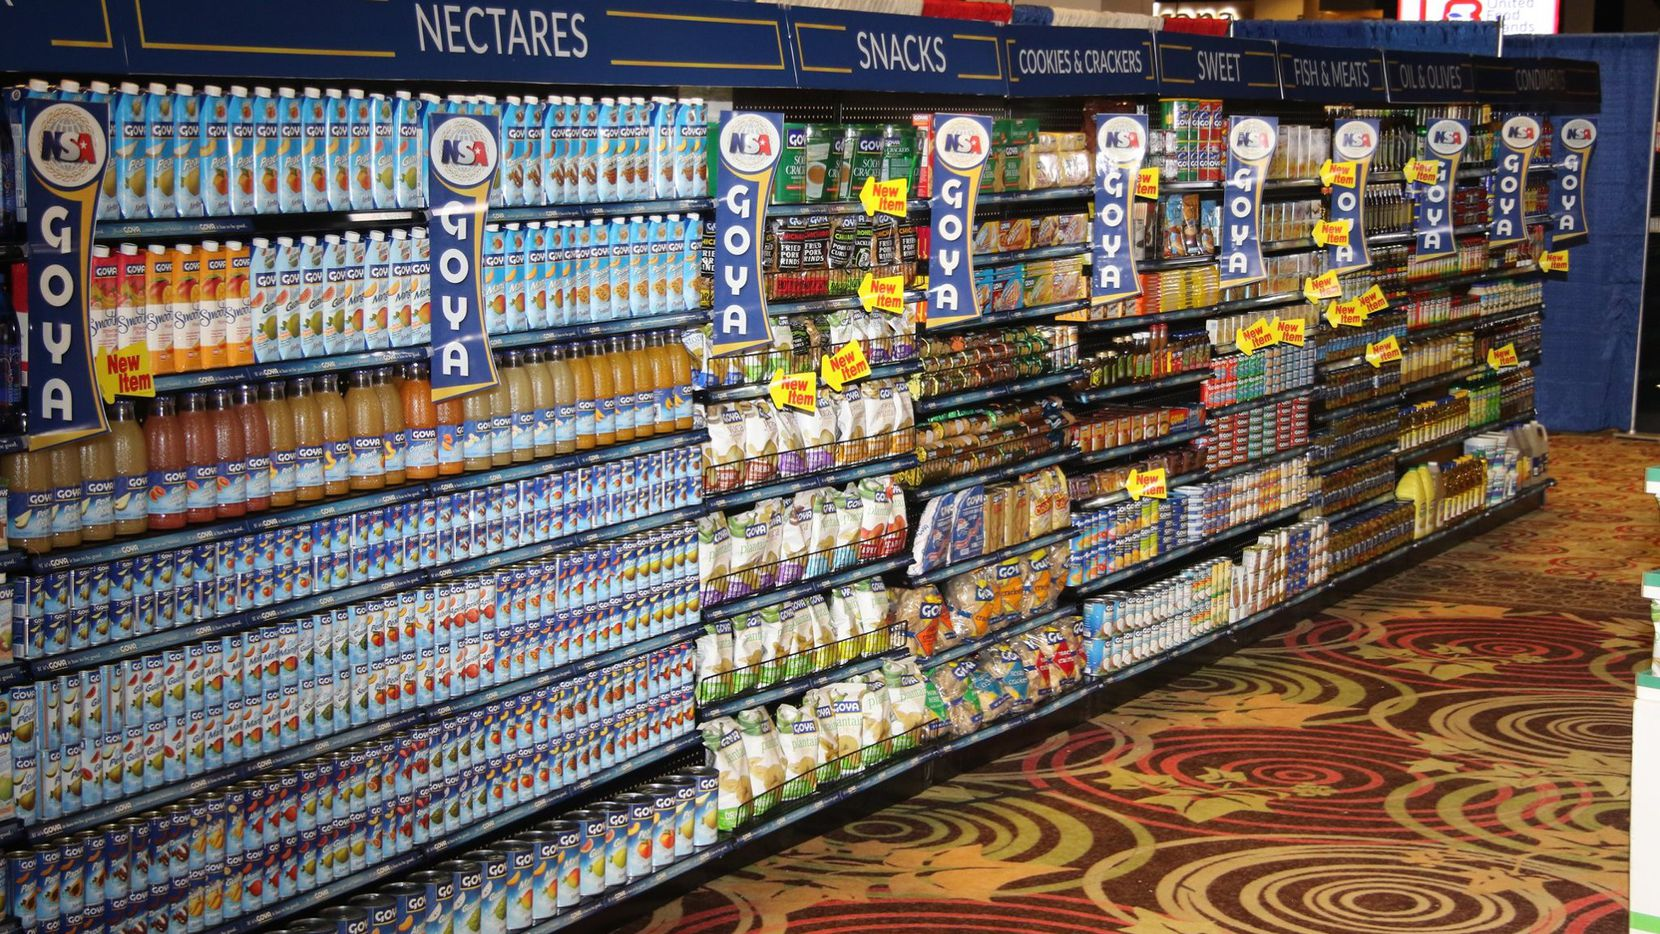 Estantes con productos Goya en un supermercado, mostrado en una fotografía de la compañía.